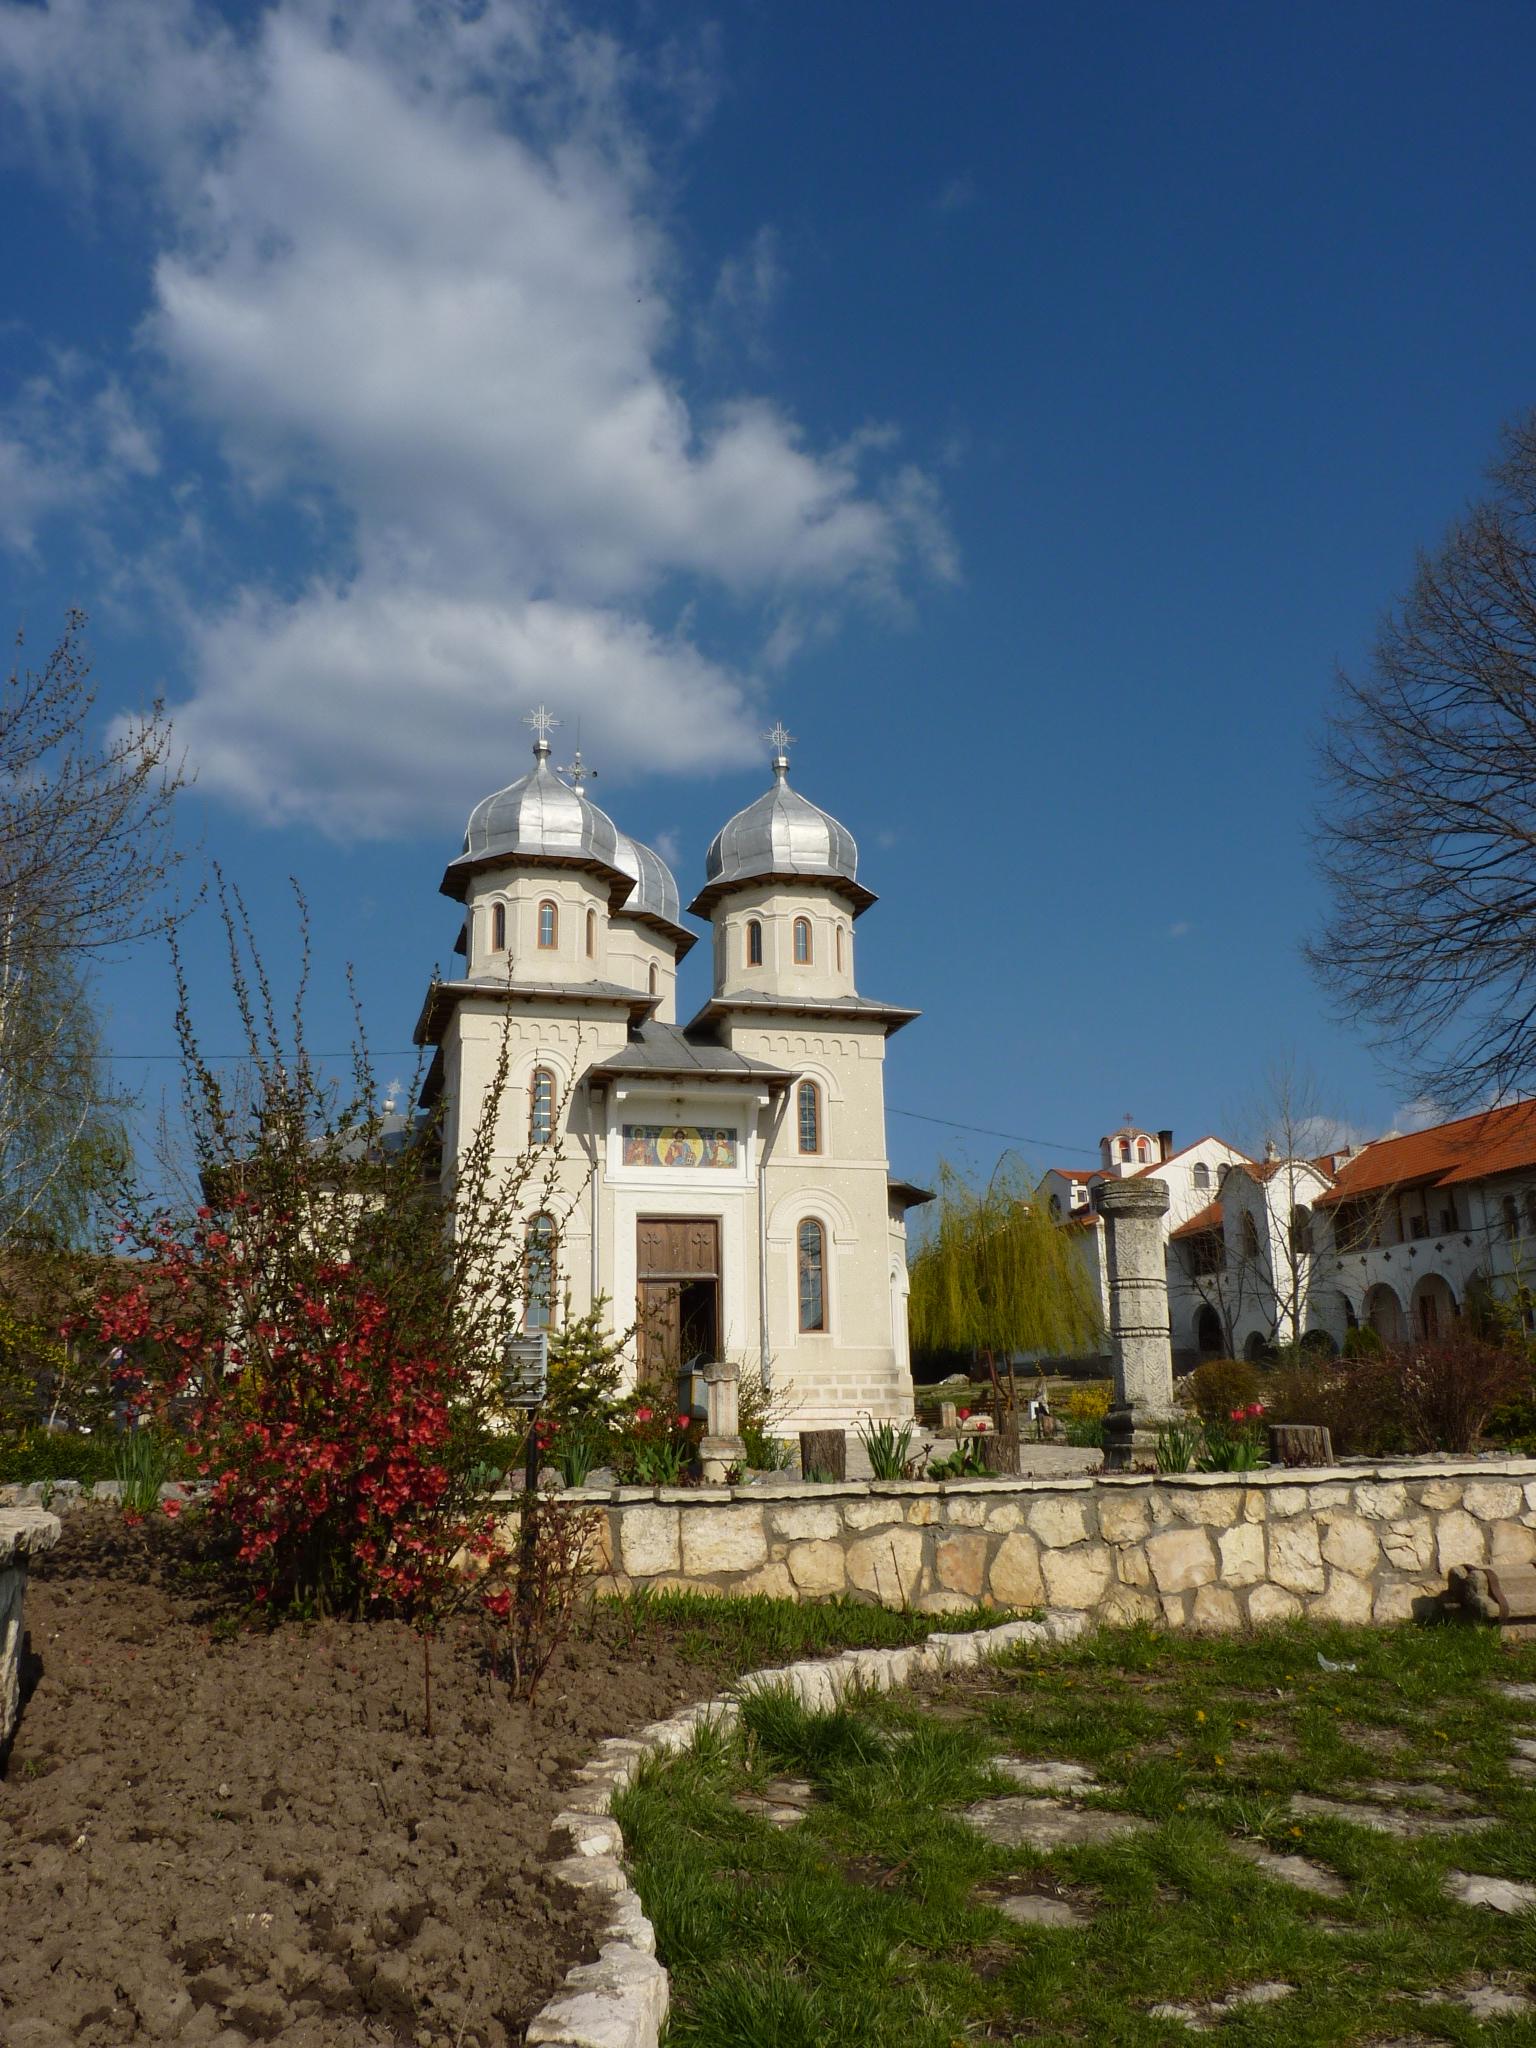 Biserica Mănăstirii Dervent Constanta Obiective Turistice